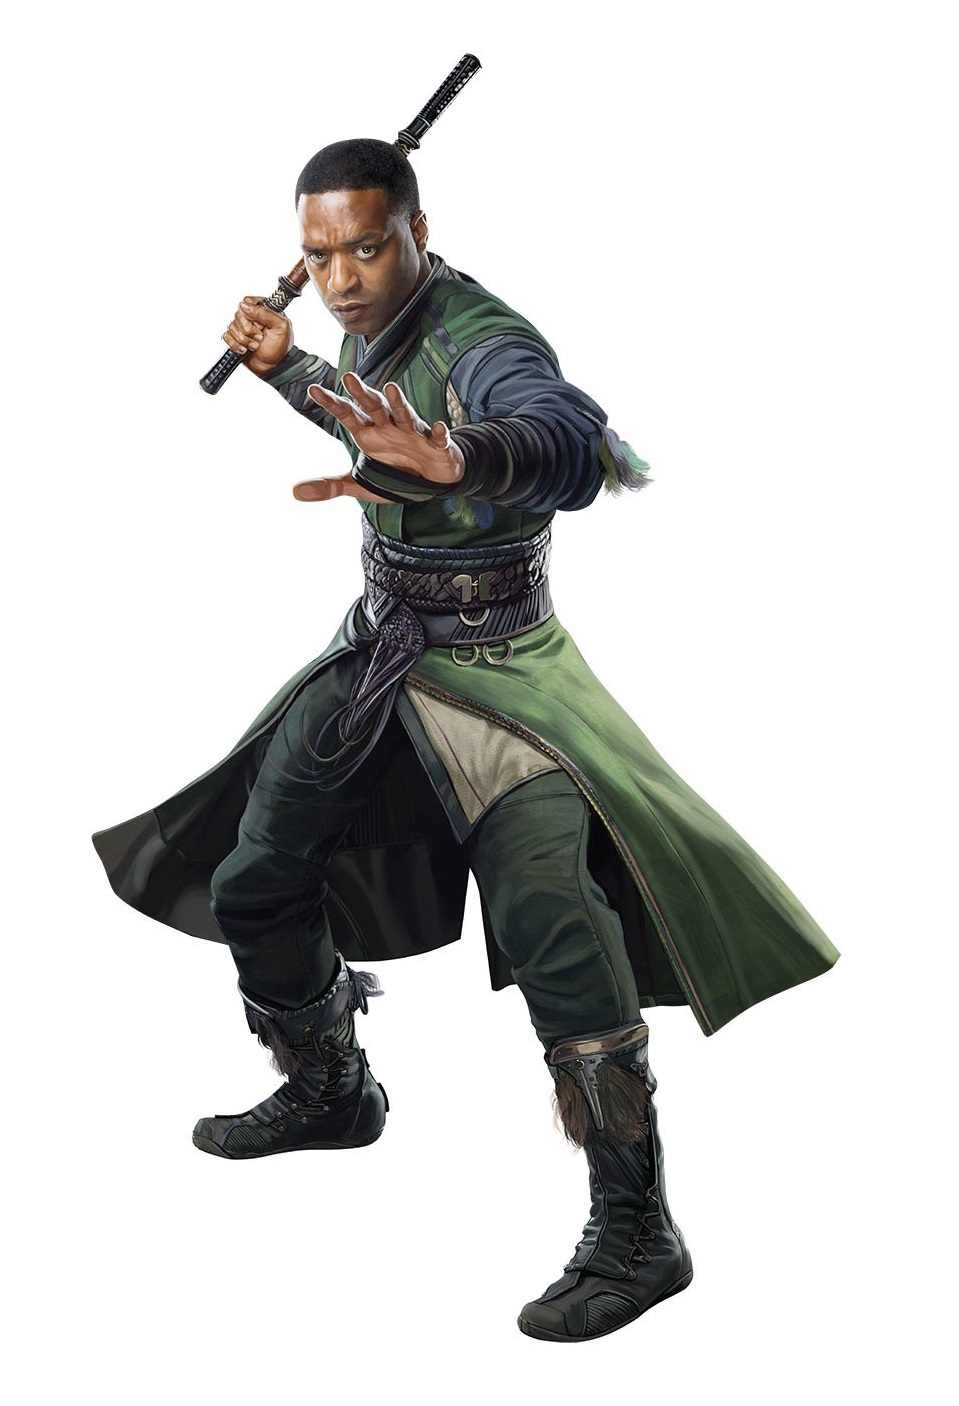 Last Jedi Wiki >> Baron Mordo   Disney Wiki   FANDOM powered by Wikia